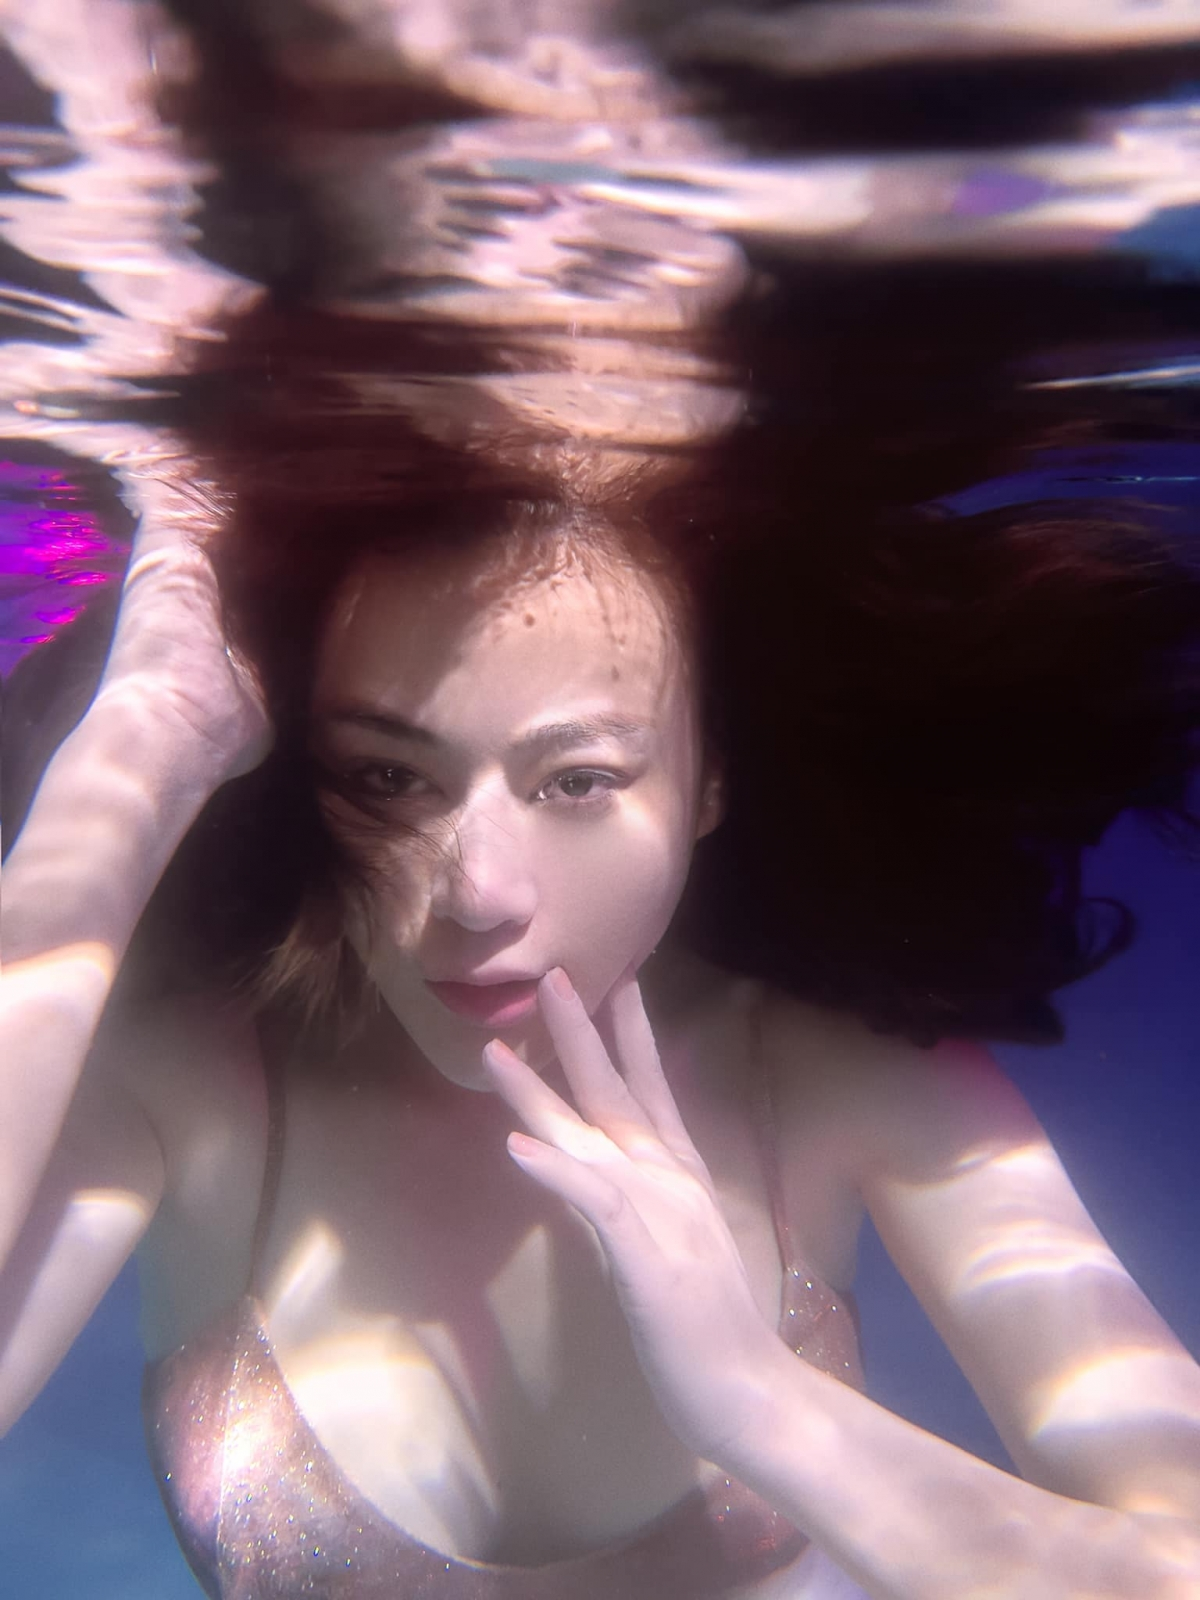 Bộ ảnh được thực hiện dưới nước của Phương Oanh cũng nhận được nhiều lời khen bởi vẻ xinh đẹp, liêu trai của nữ diễn viên./.